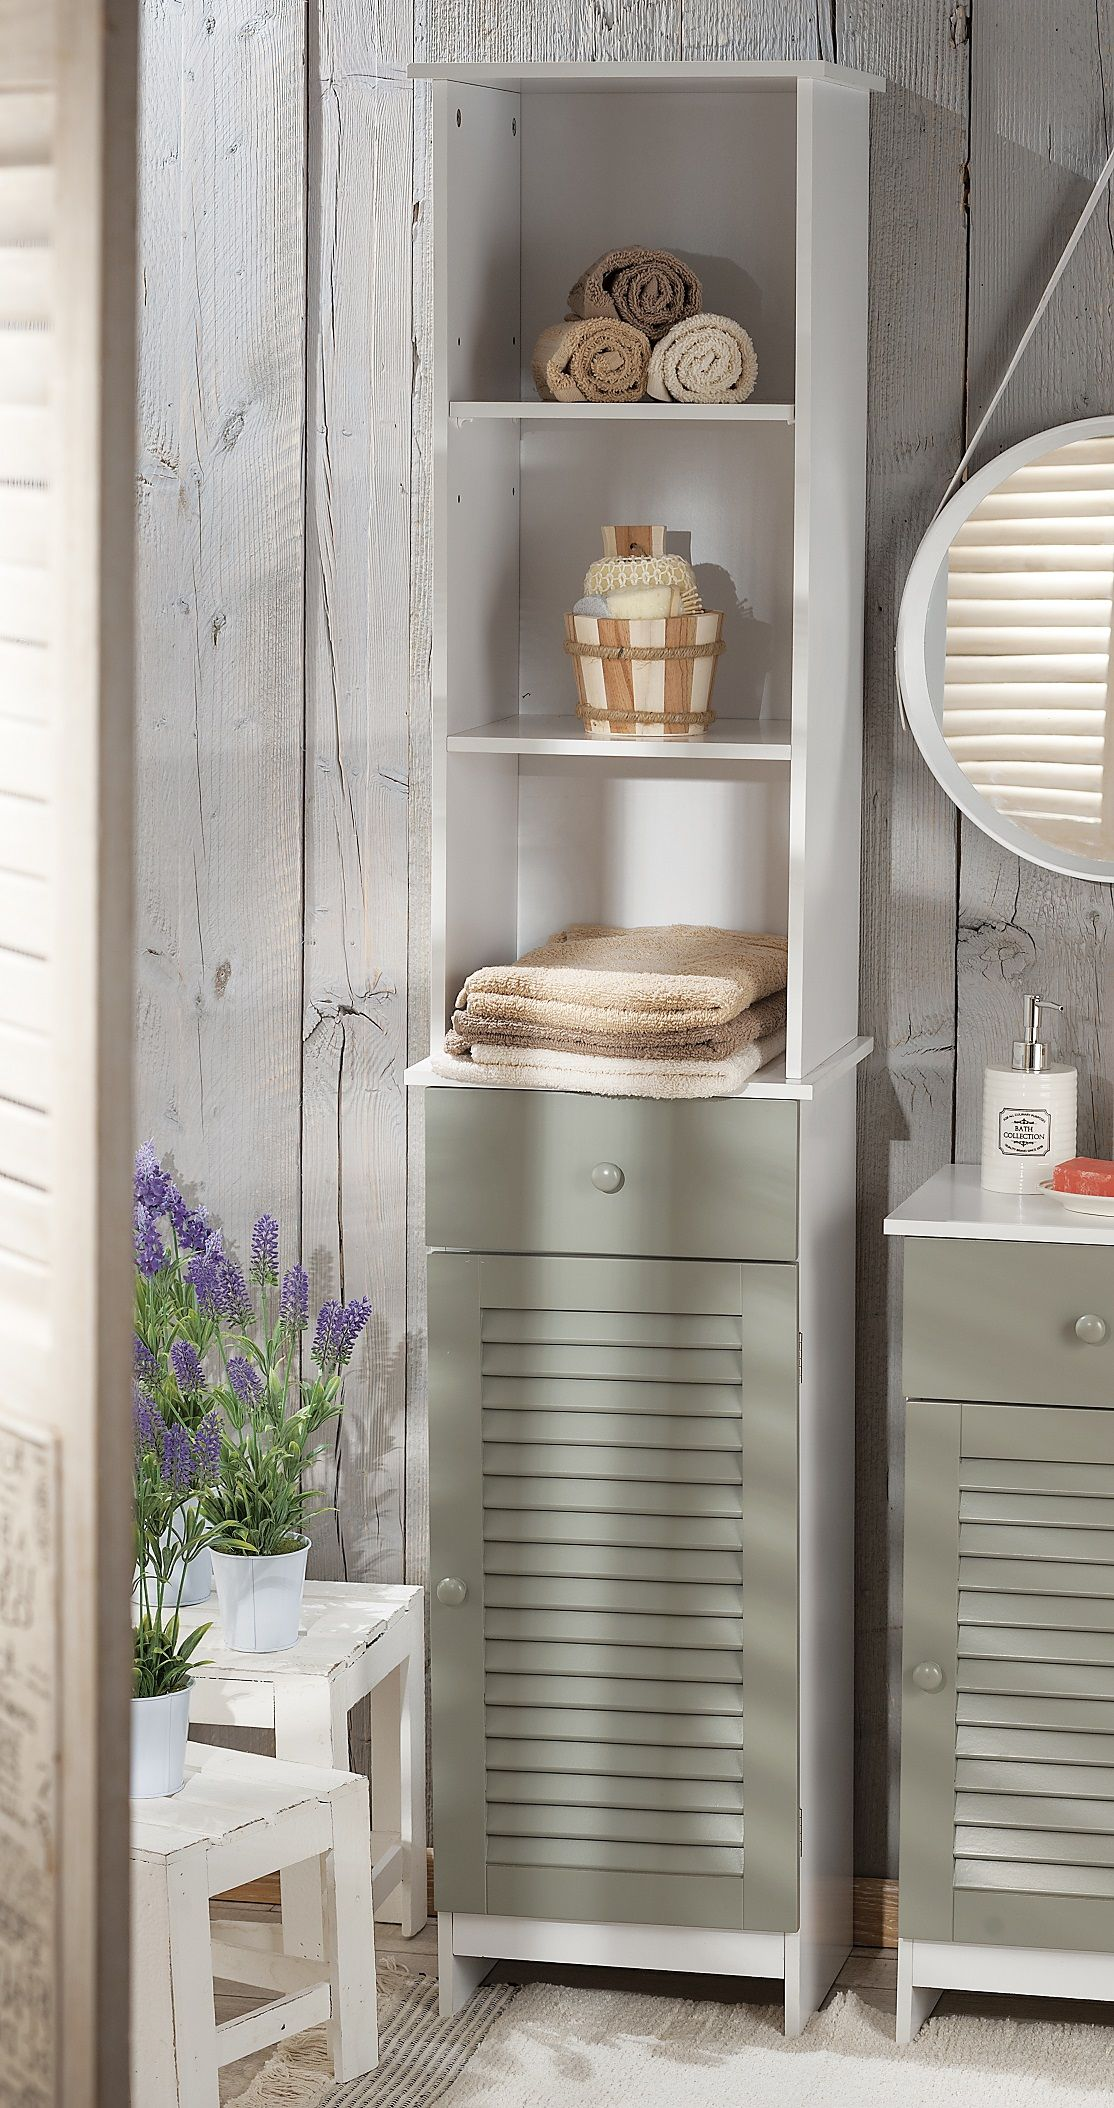 Mobili bagno offerte amazon fabulous mobile bagno crema su amazon foto e immagini del prodotto - Offerte mobili da bagno ...